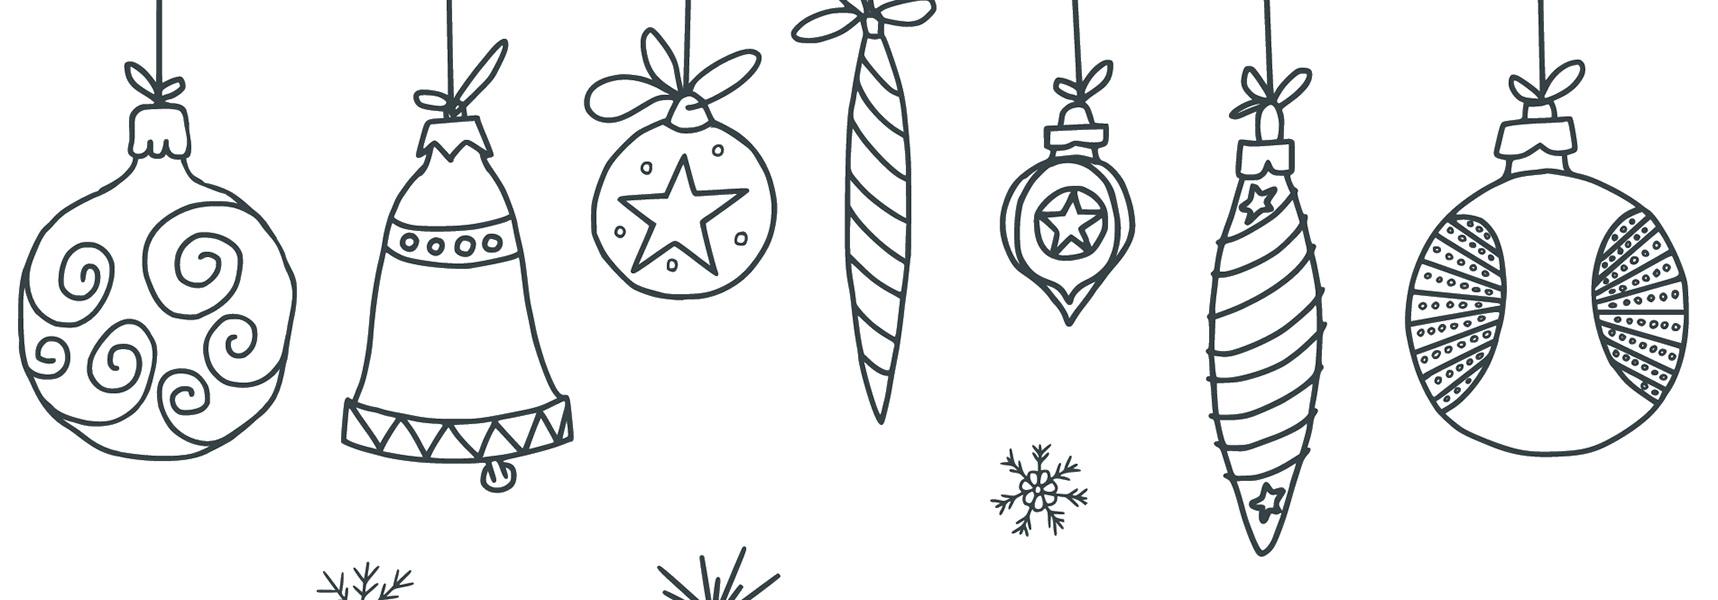 Trova e scarica risorse grafiche gratuite per natale. Disegni Di Natale Da Colorare Bellissimi Babbo Natale Albero Calza